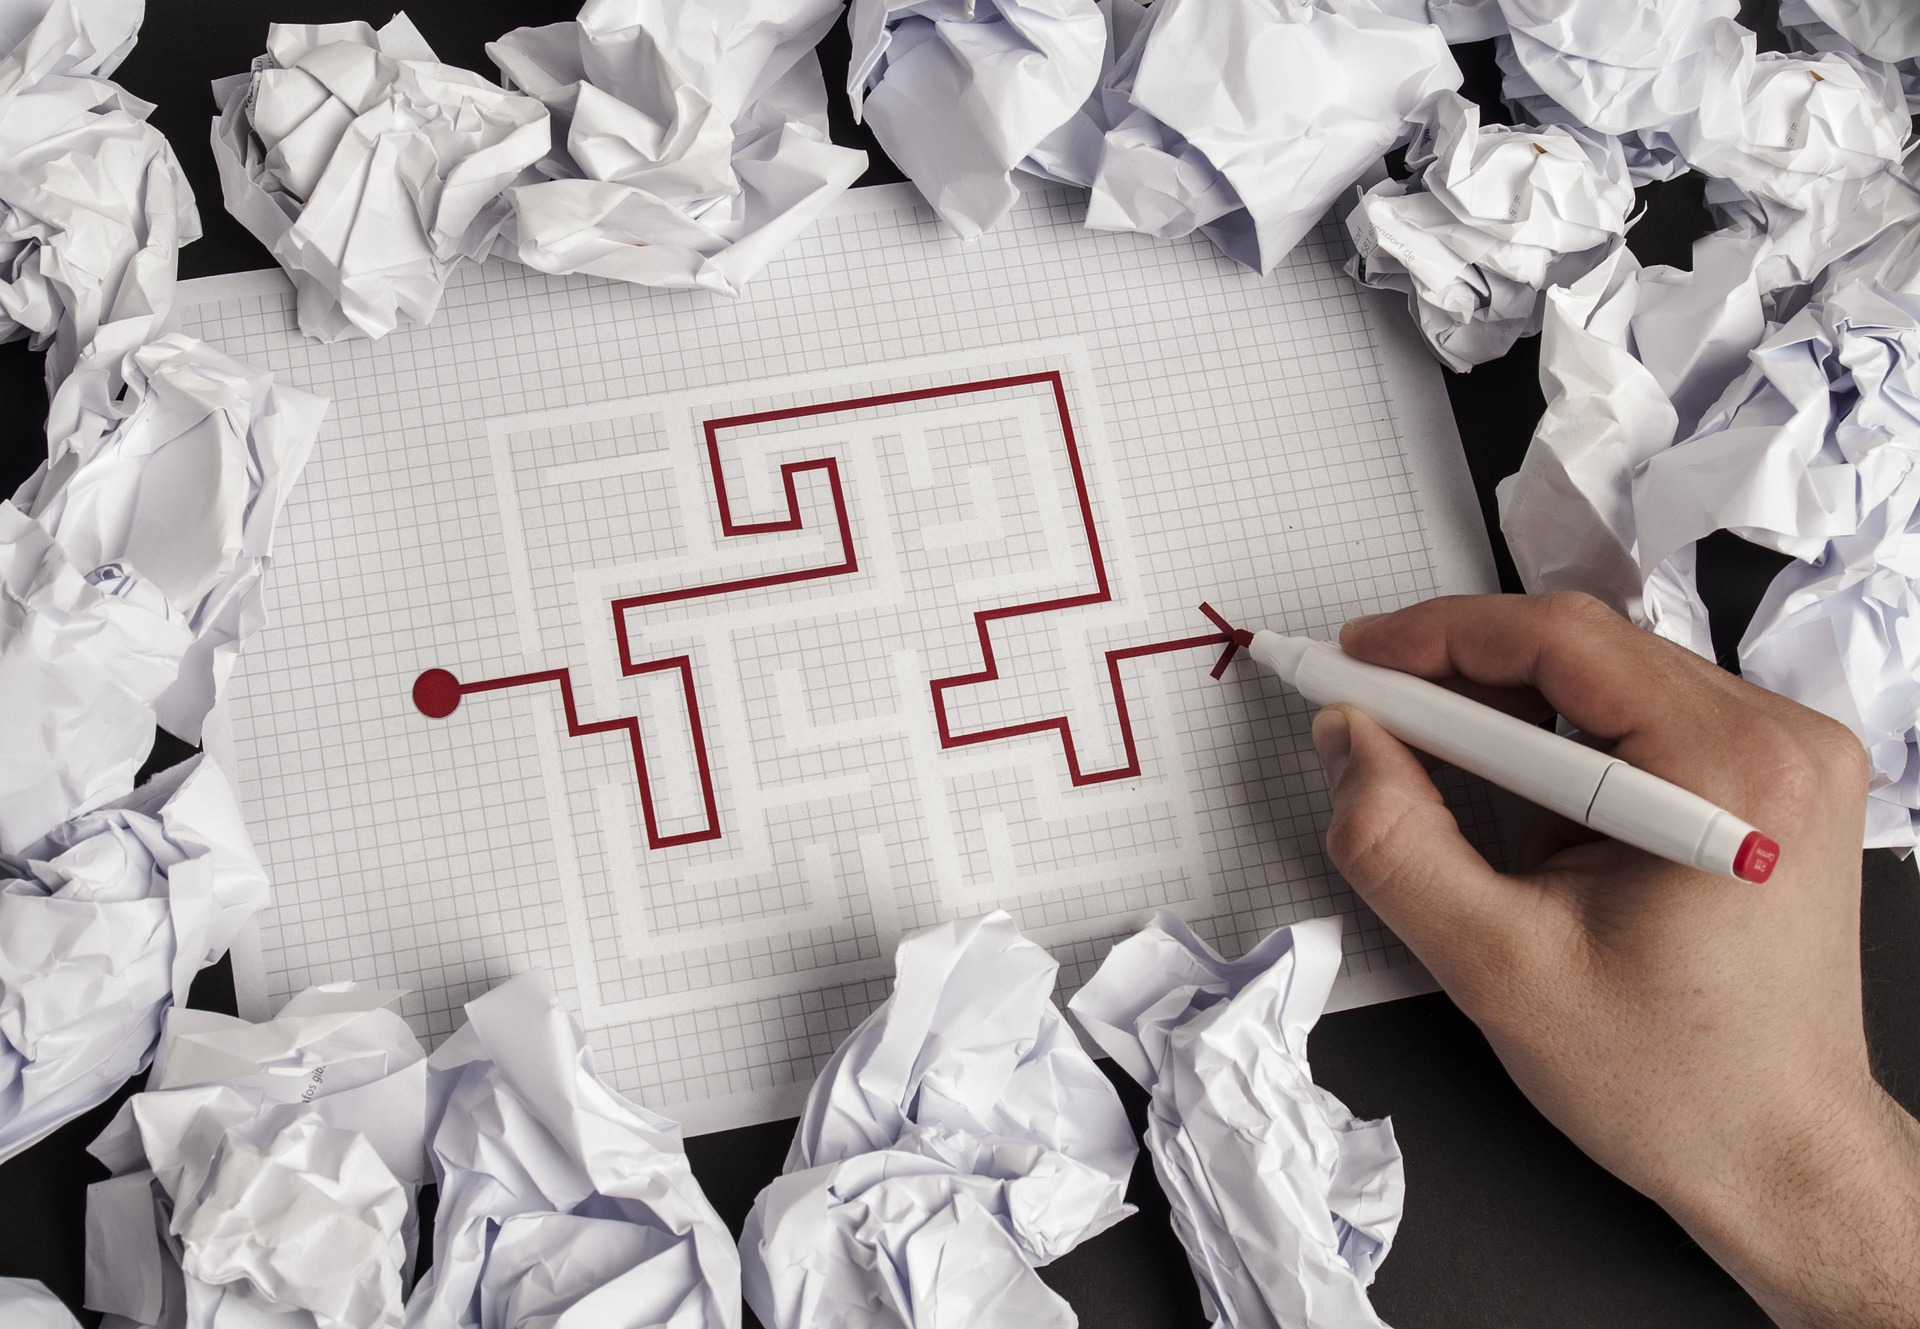 Reestruturação de Empresas — Primeiros Passos para Se Recuperar de Crise Financeira